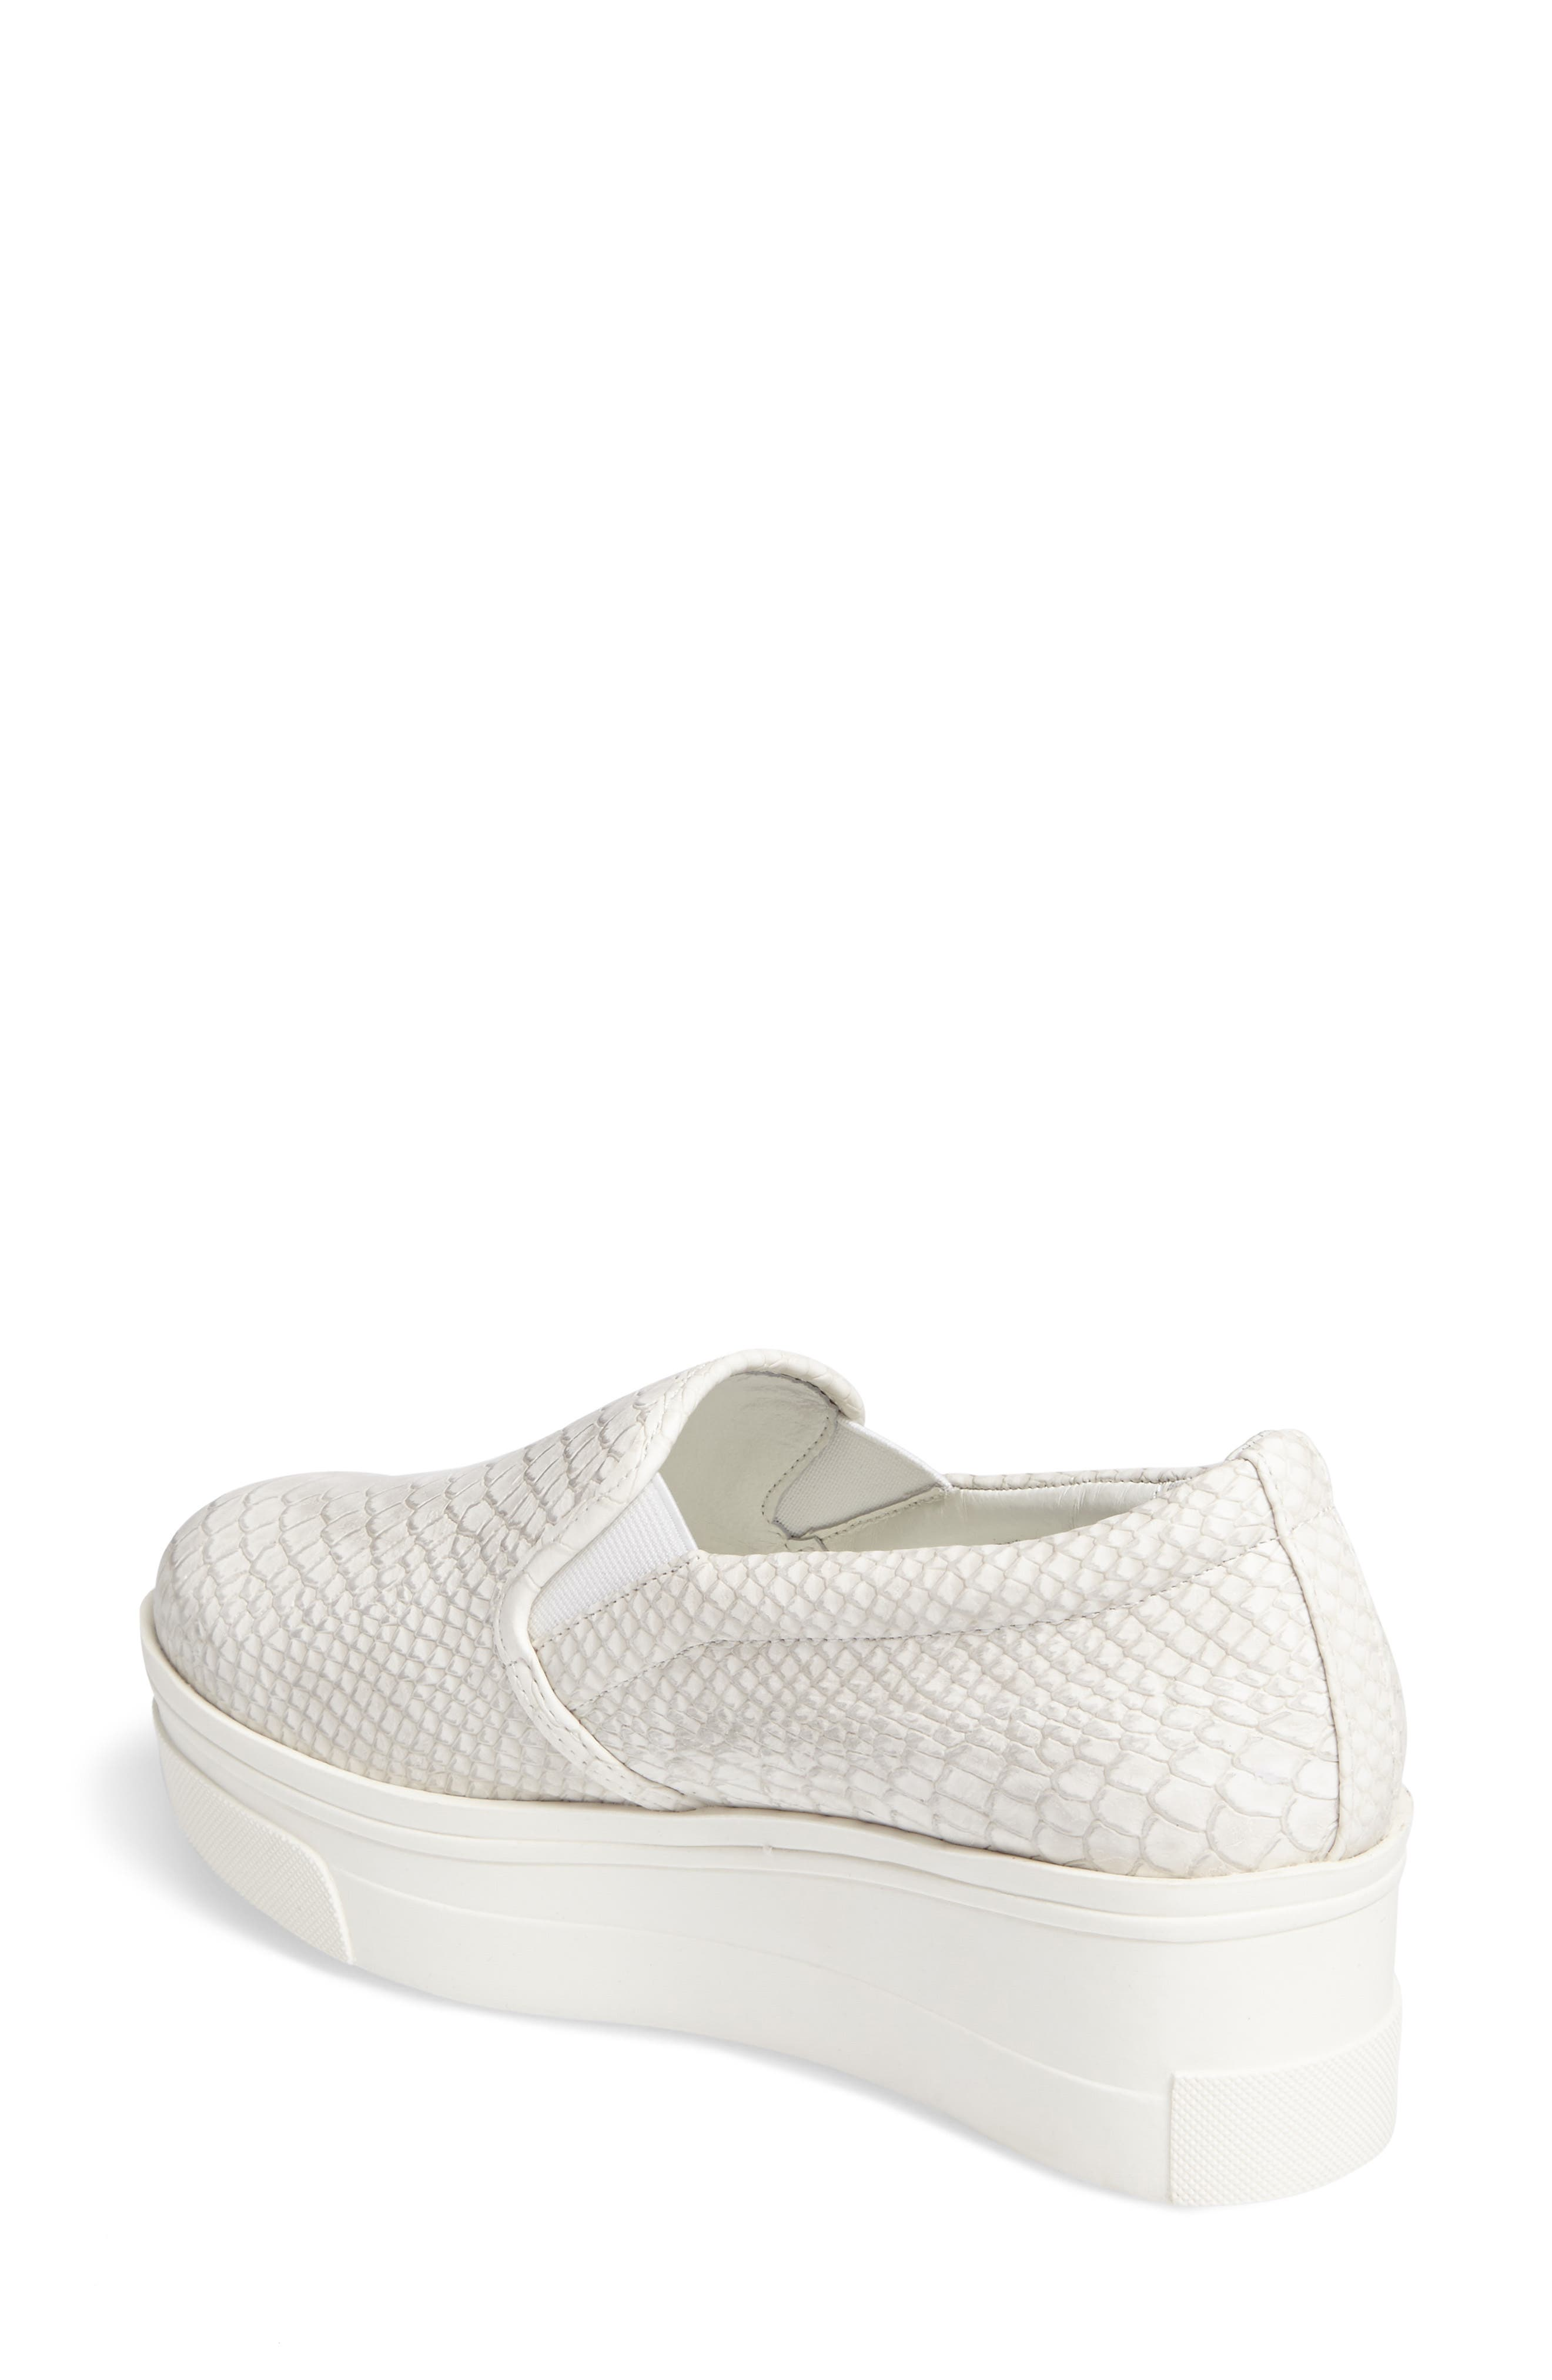 Genna Slip-On Sneaker,                             Alternate thumbnail 2, color,                             White Embossed Leather